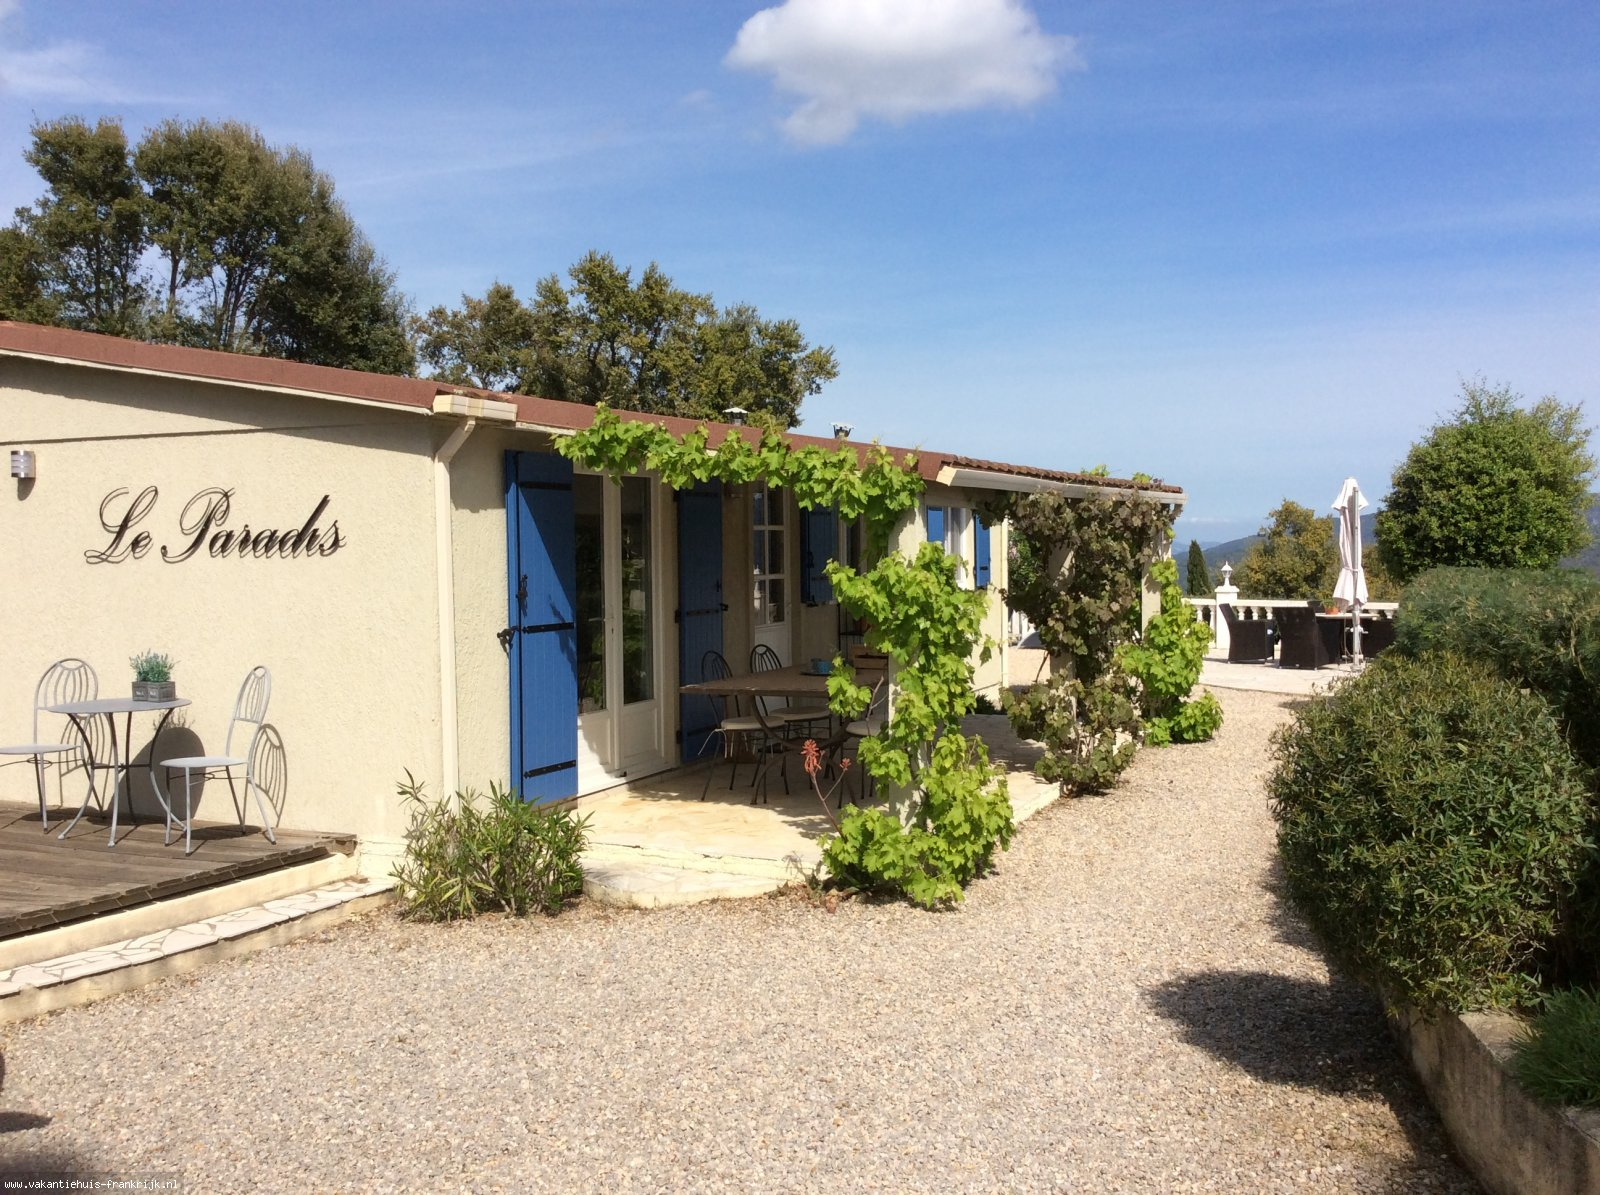 """Vakantiehuis: Petite Maison """"Le Paradis"""" te huur voor uw vakantie in Var (Frankrijk)"""